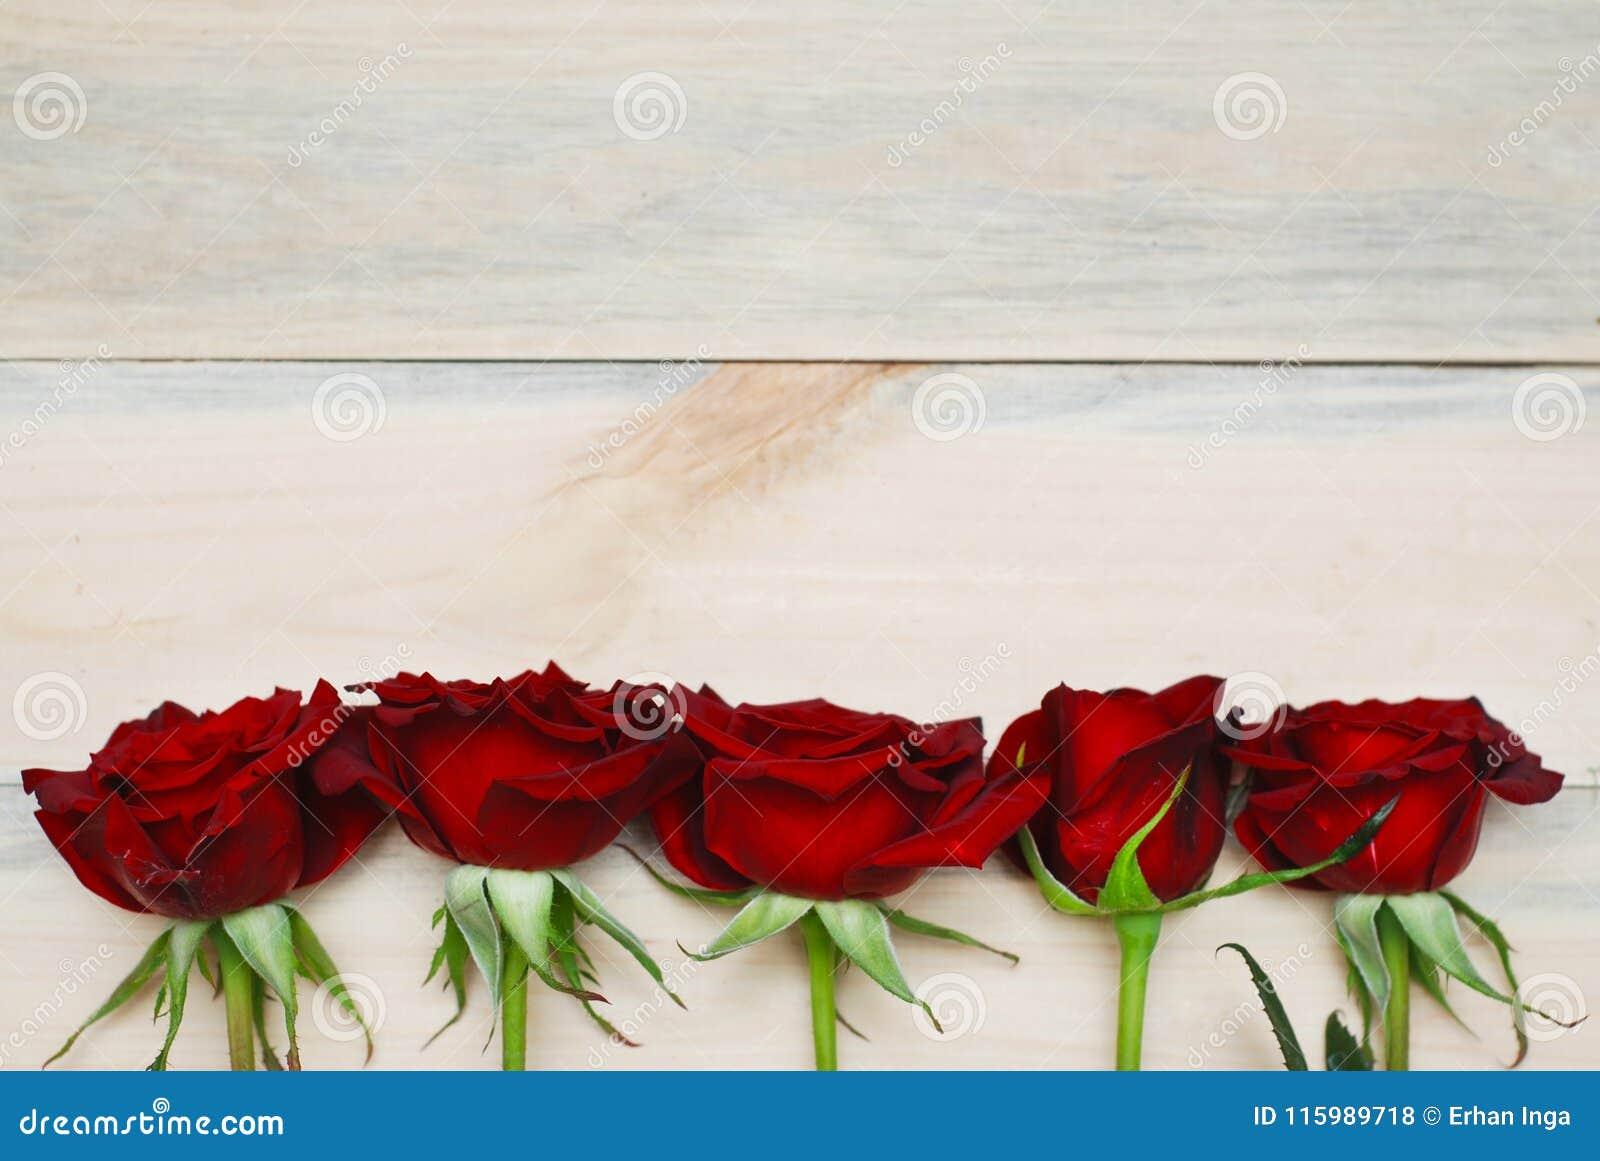 Fim vermelho de Rosess acima sobre o fundo Textured de madeira